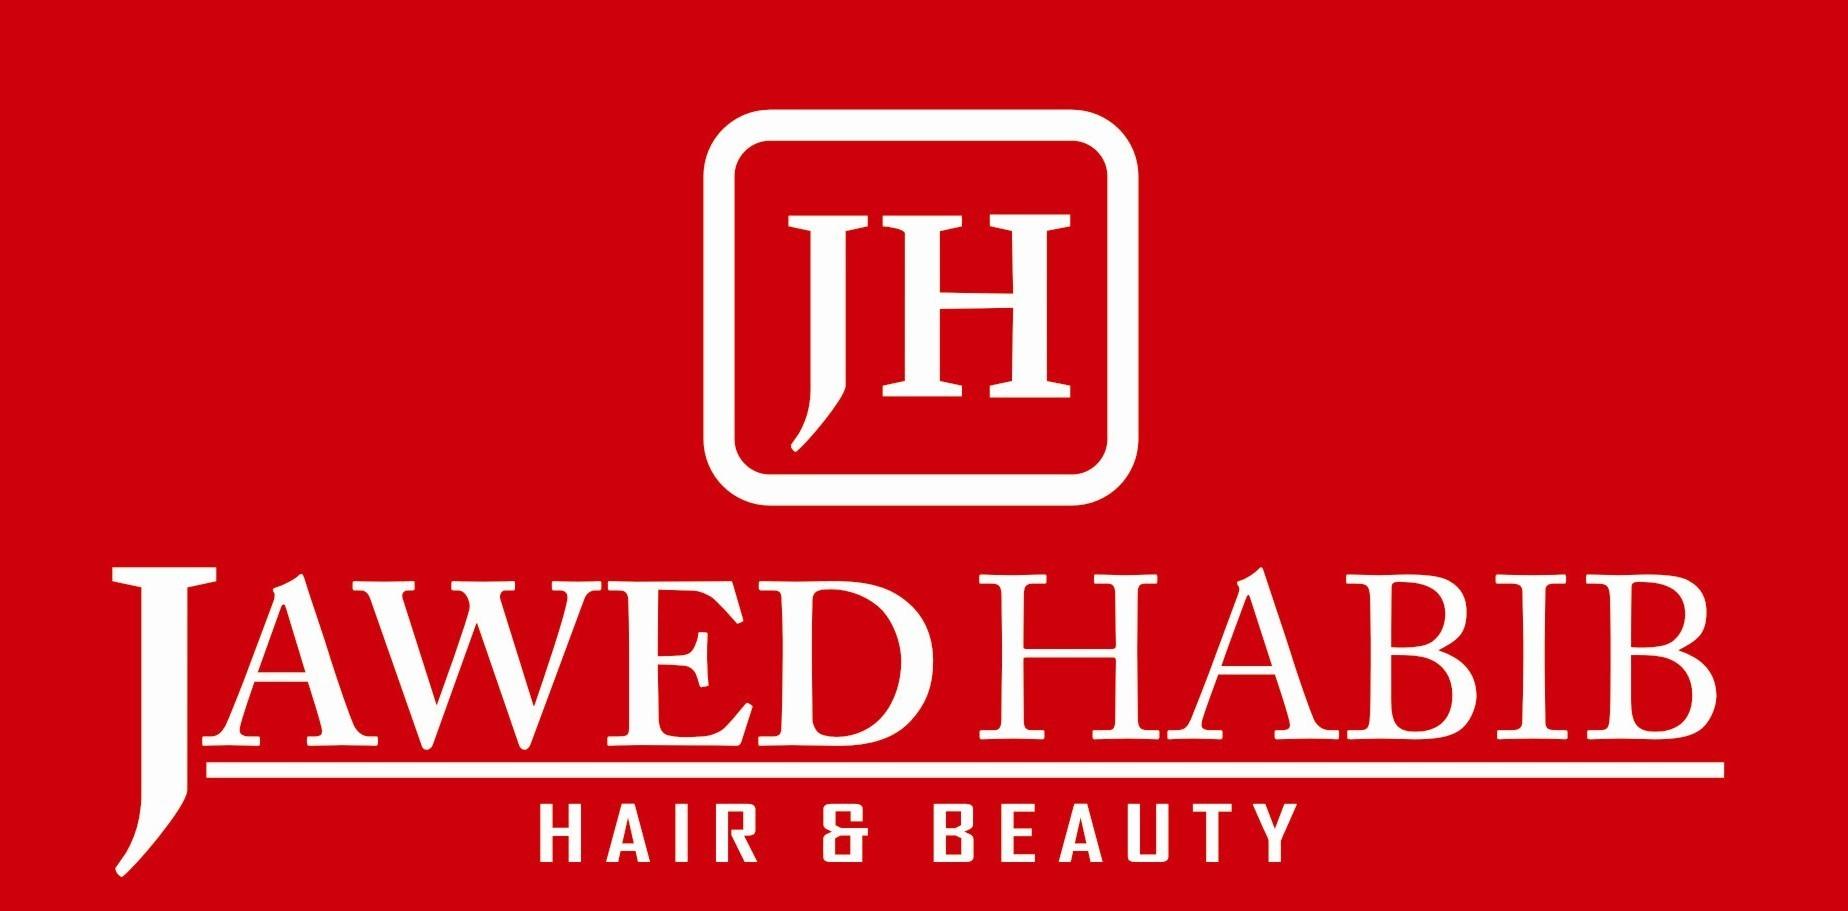 Jawed Habib Hair & Beauty Salons - Kishan Pura Road - Sangrur Image